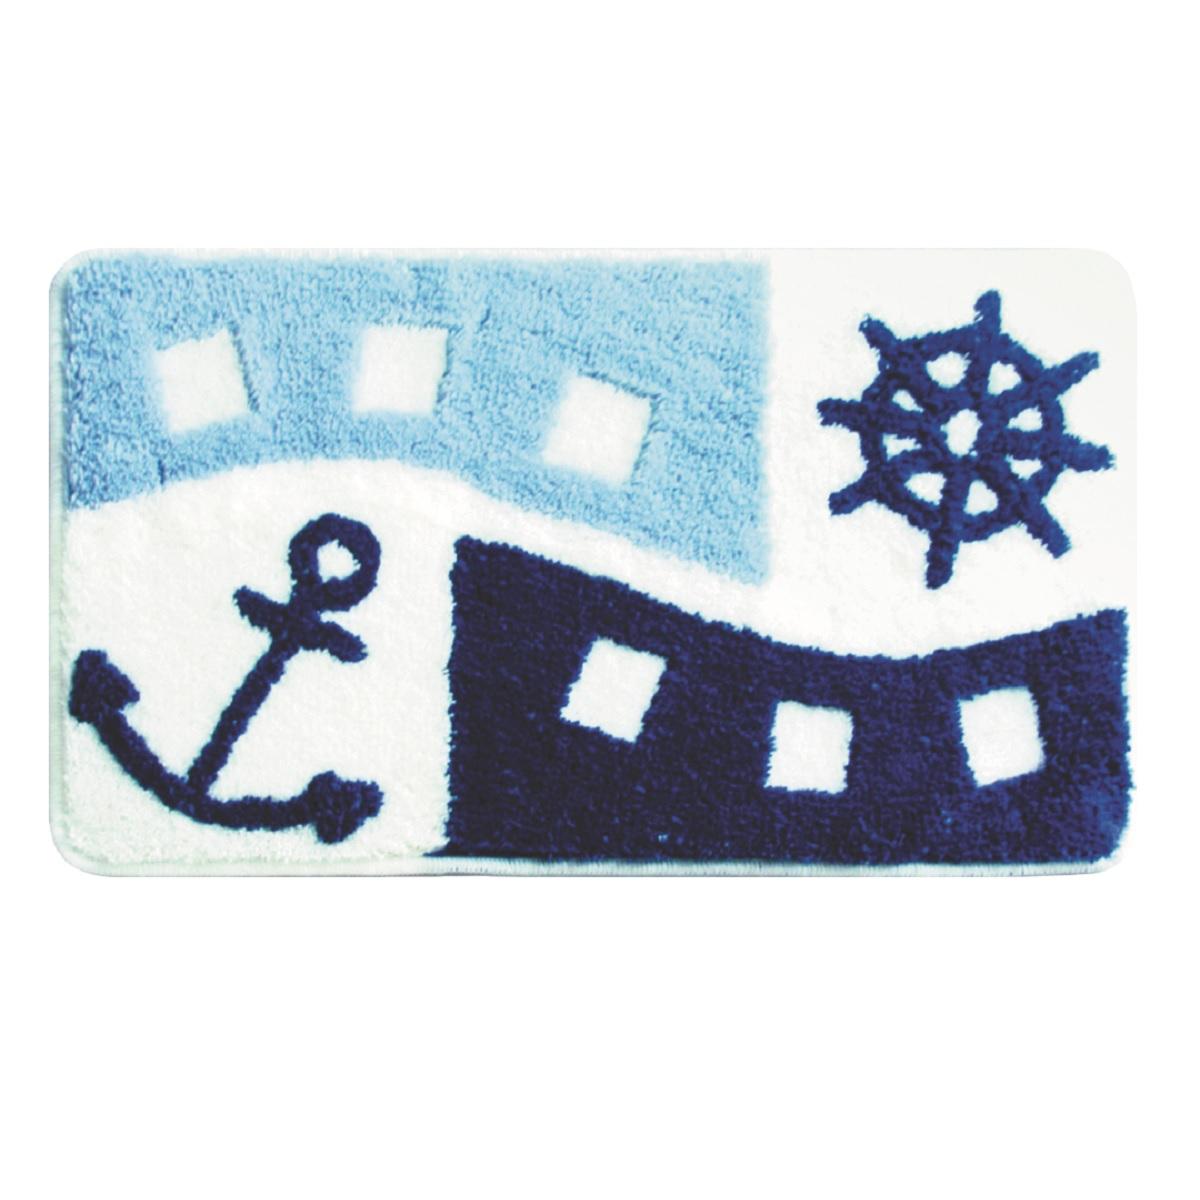 Коврик для ванной Milardo Sea Holiday, цвет: голубой, 40 х 70 см400A470M12Коврик для ванной Milardo Sea Holiday выполнен из акрила (100% полиэстер) на латексной основе. Коврик долго прослужит в вашем доме, добавляя тепло и уют, а также внесет неповторимый колорит в интерьер ванной комнаты.Высота ворса: 1,5 см.